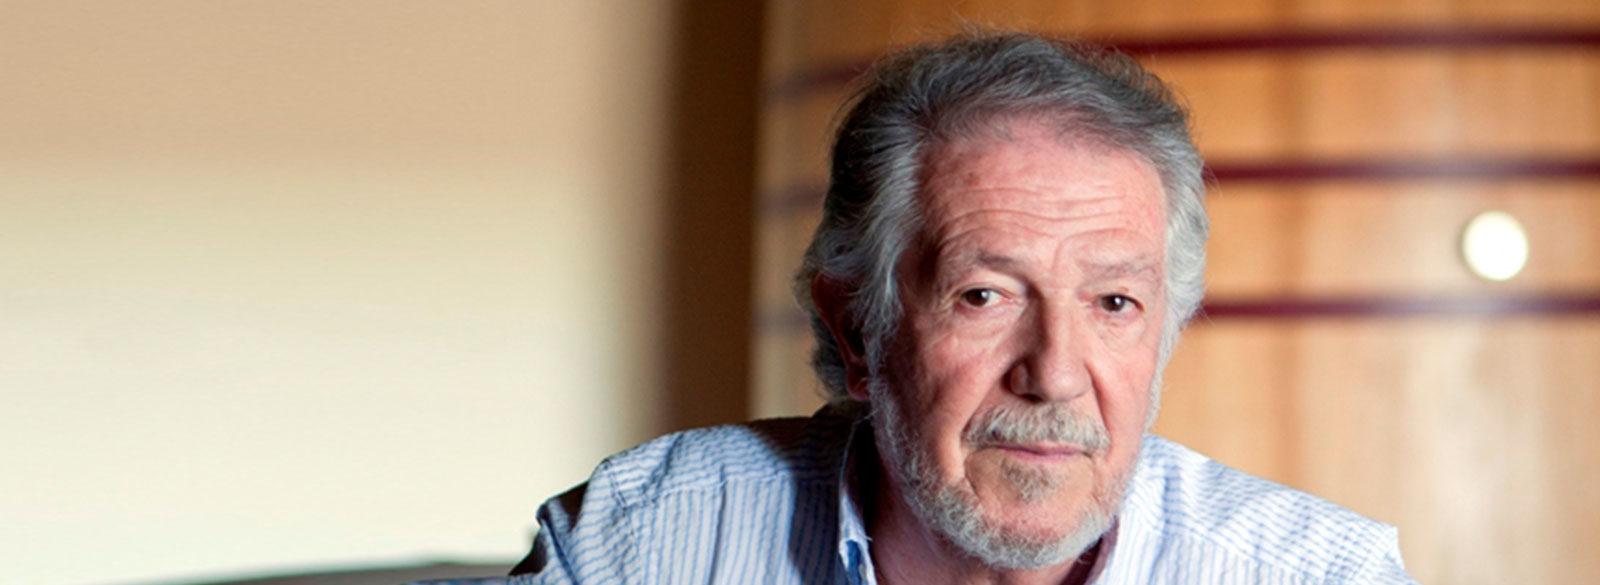 Hablamos con el enólogo Mariano García